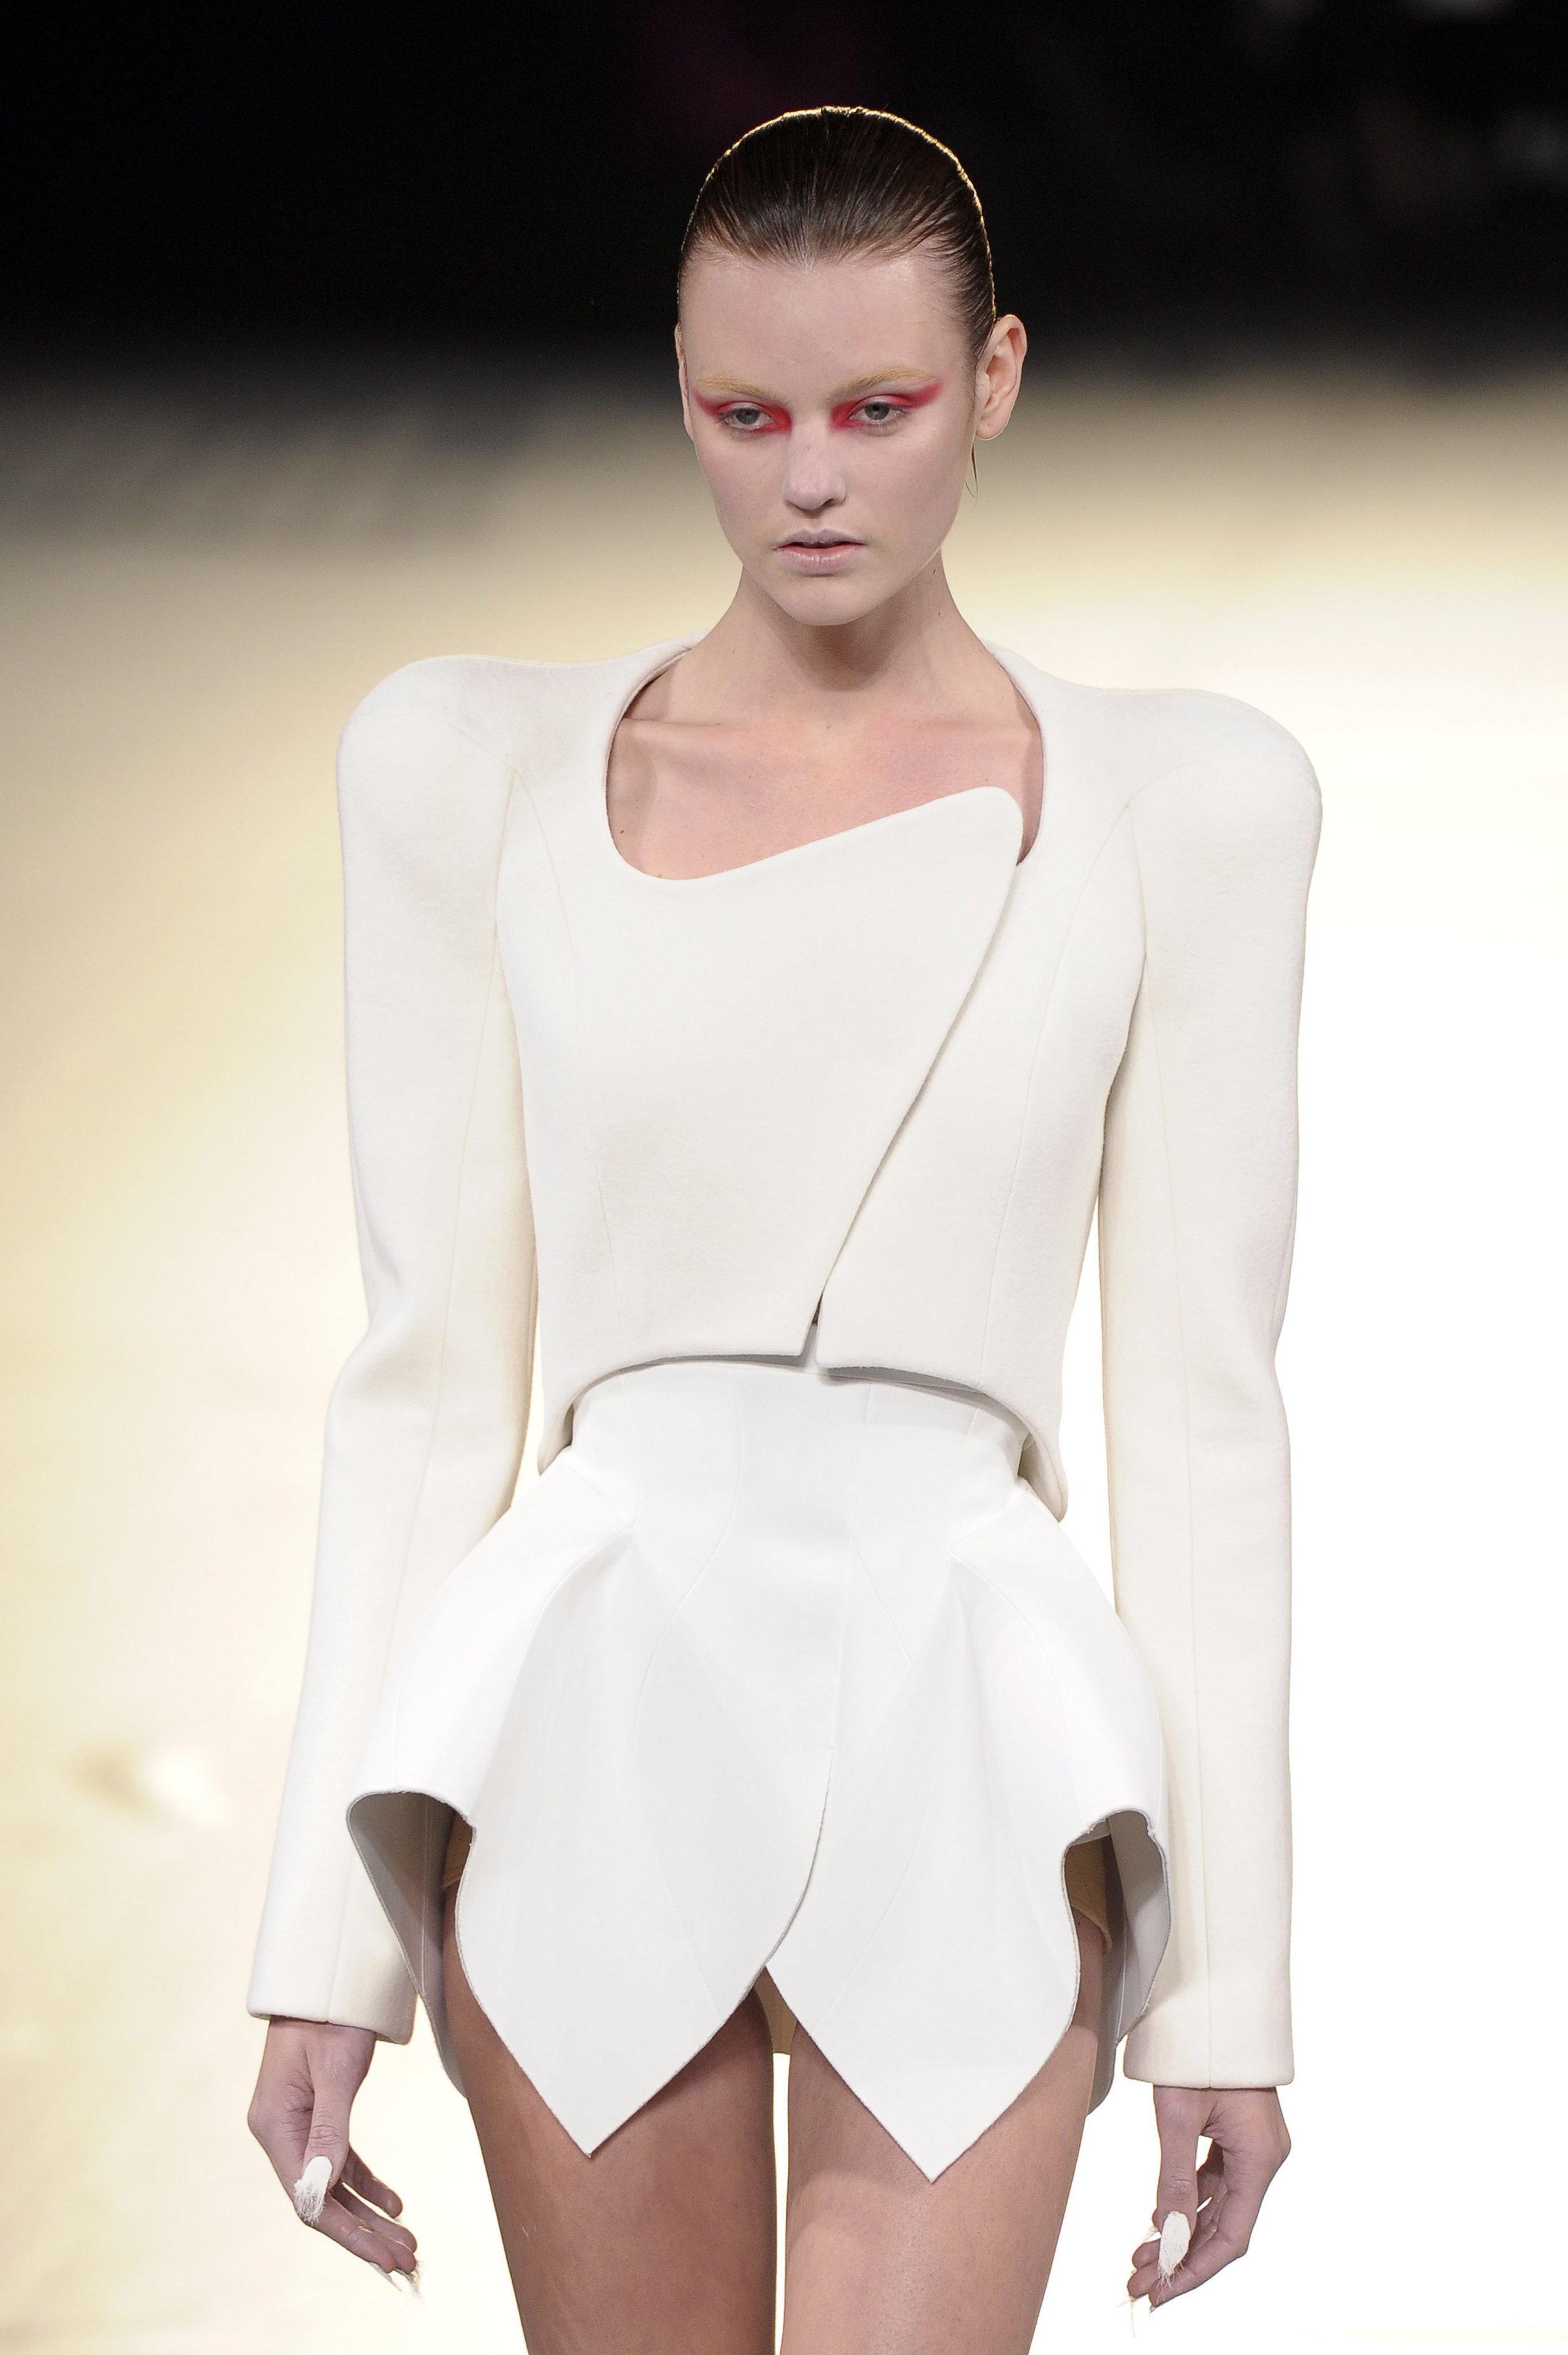 Una modelo presenta una creación de Mugler durante la Semana de la Moda de París. Foto: STEPHANE REIX